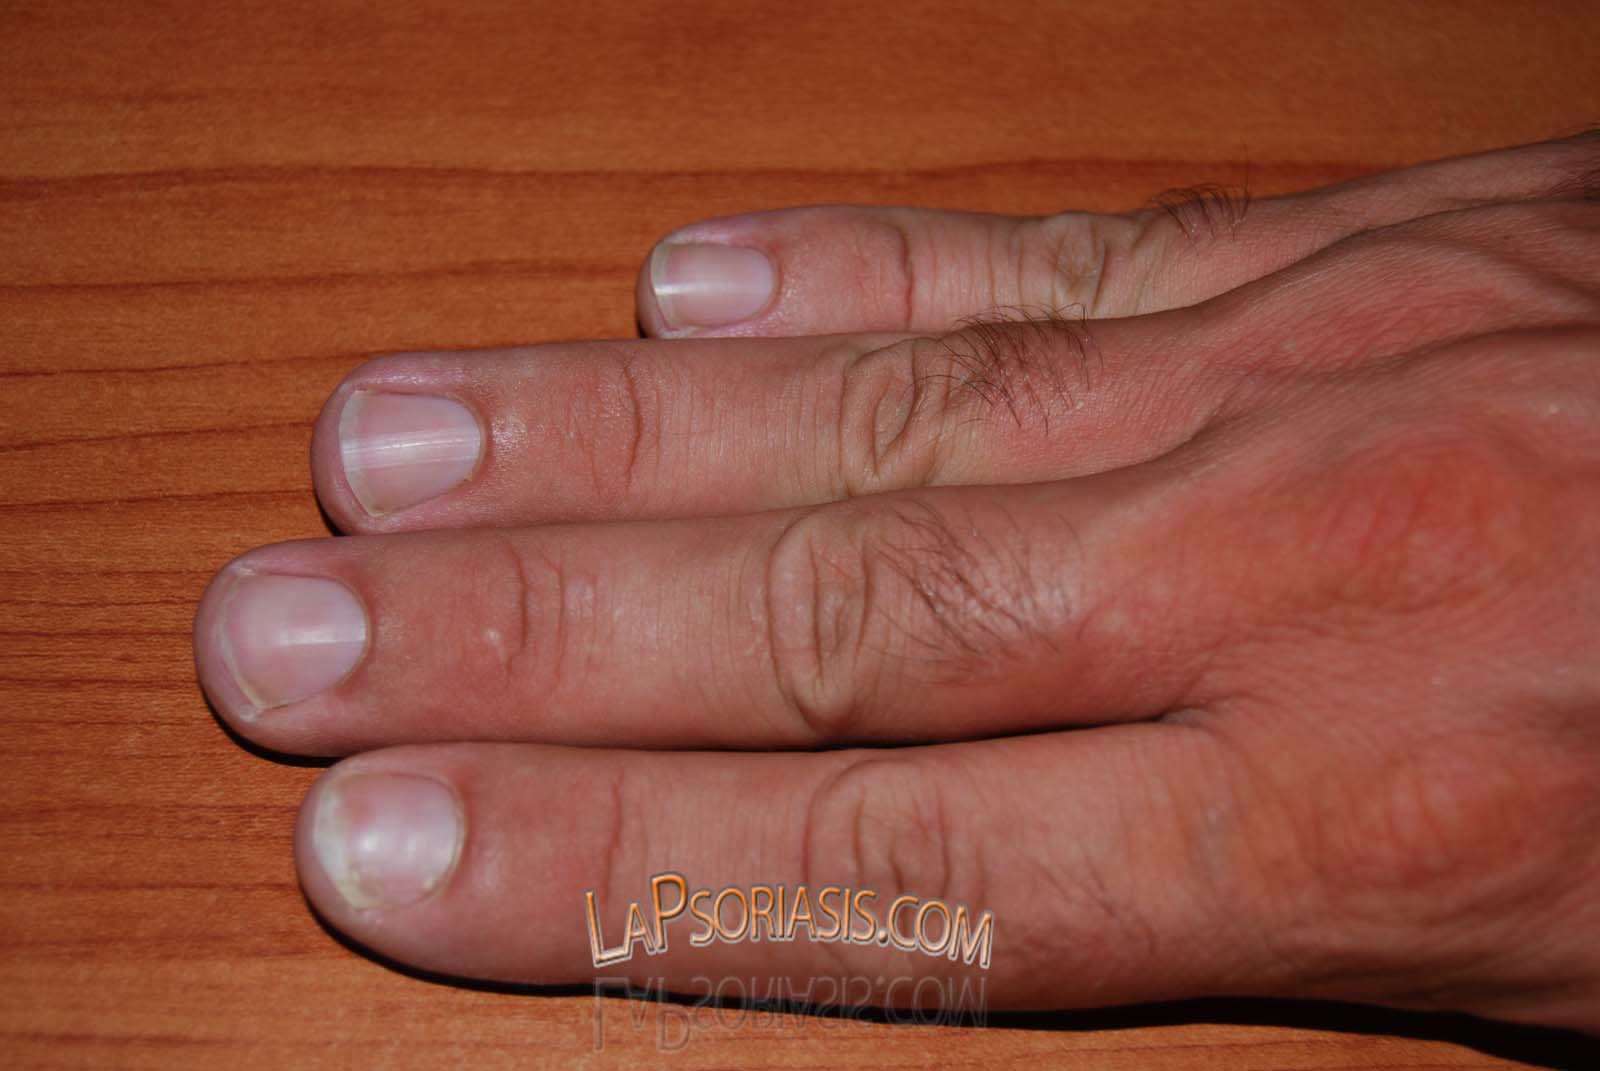 La psoriasis de la foto en las manos y los pies de la foto